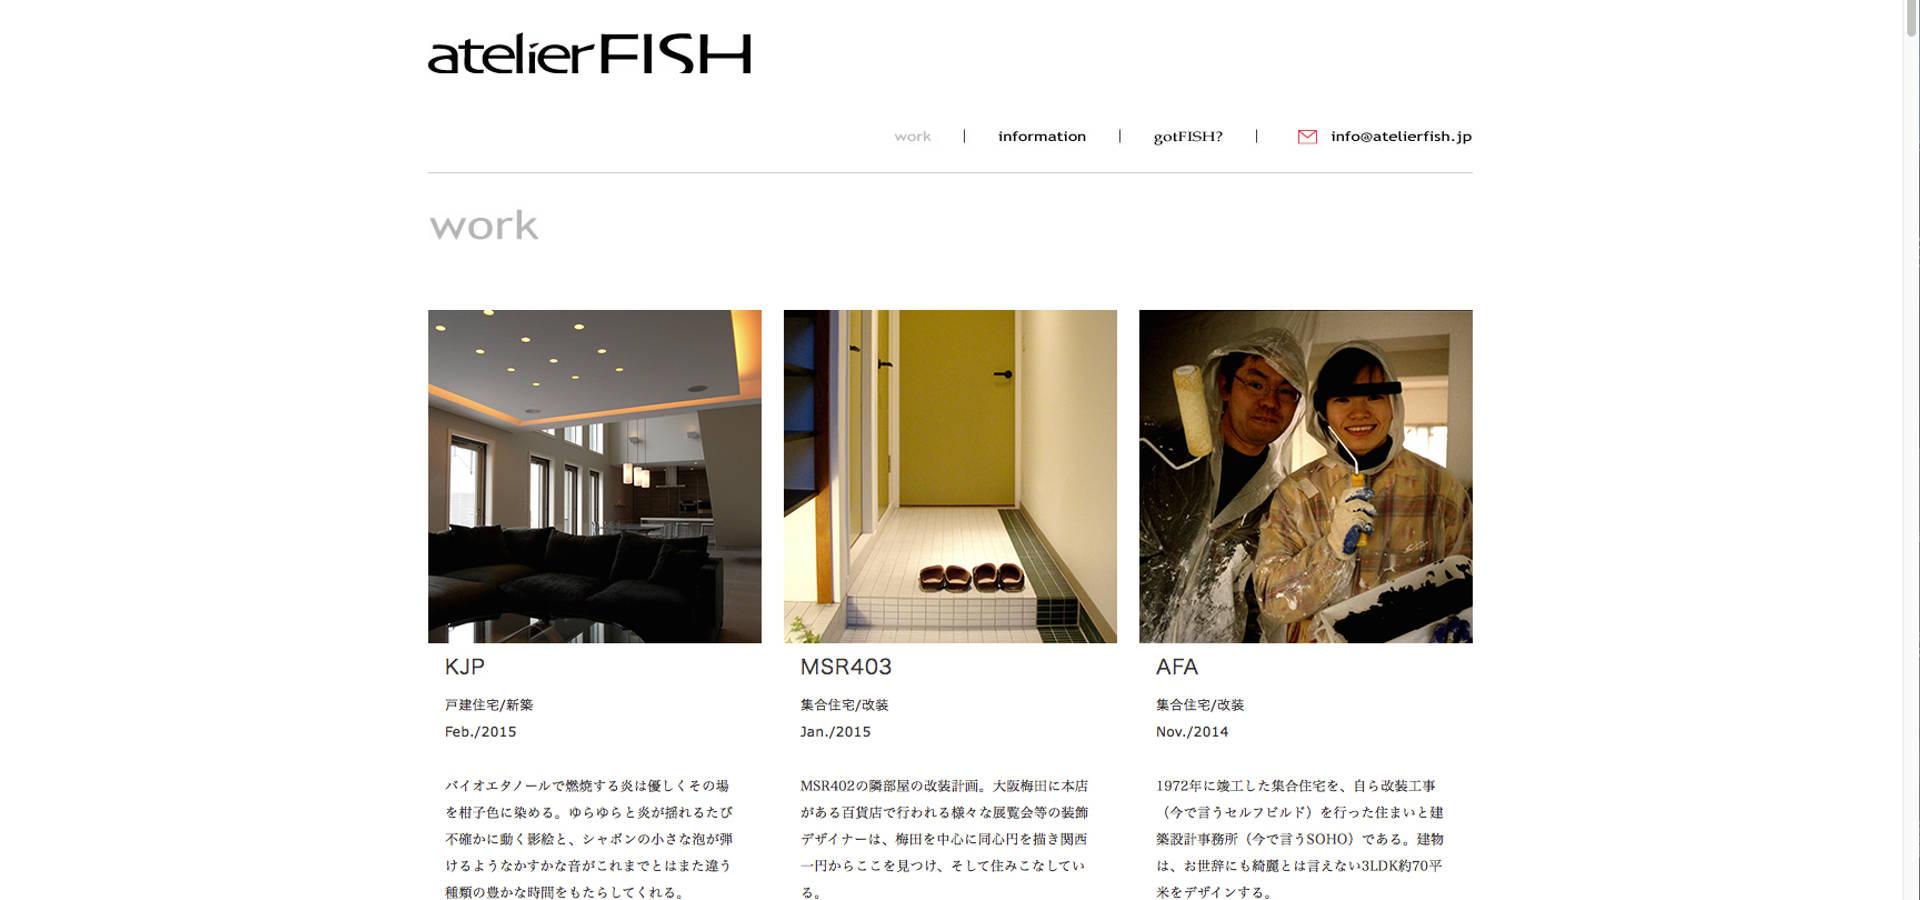 atelier FISH | アトリエ・フィッシュ